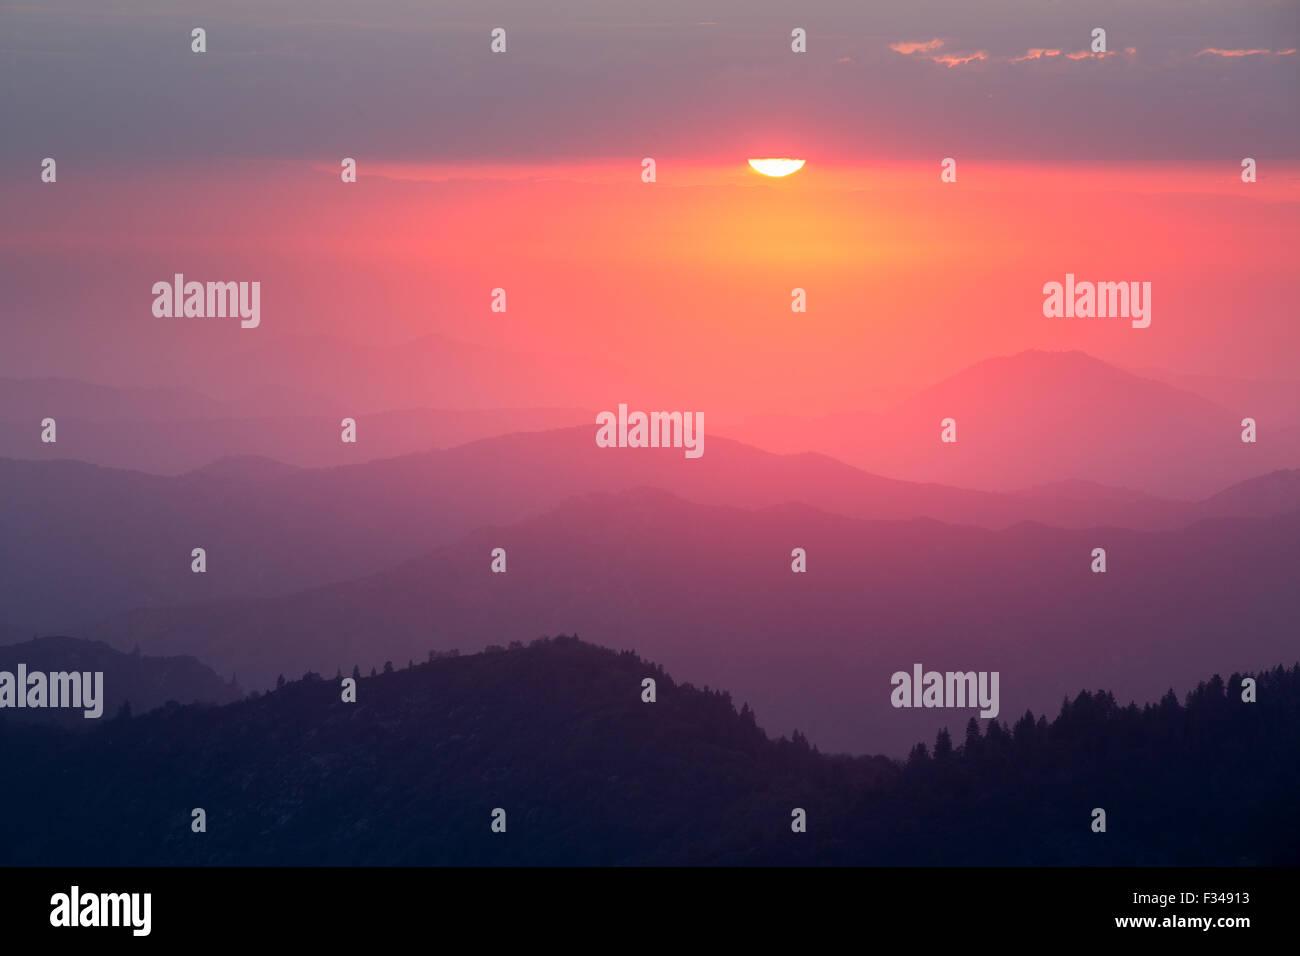 Sonnenuntergang über der Sierra Nevada von Moro Rock, Sequoia Nationalpark, Kalifornien, USA Stockbild